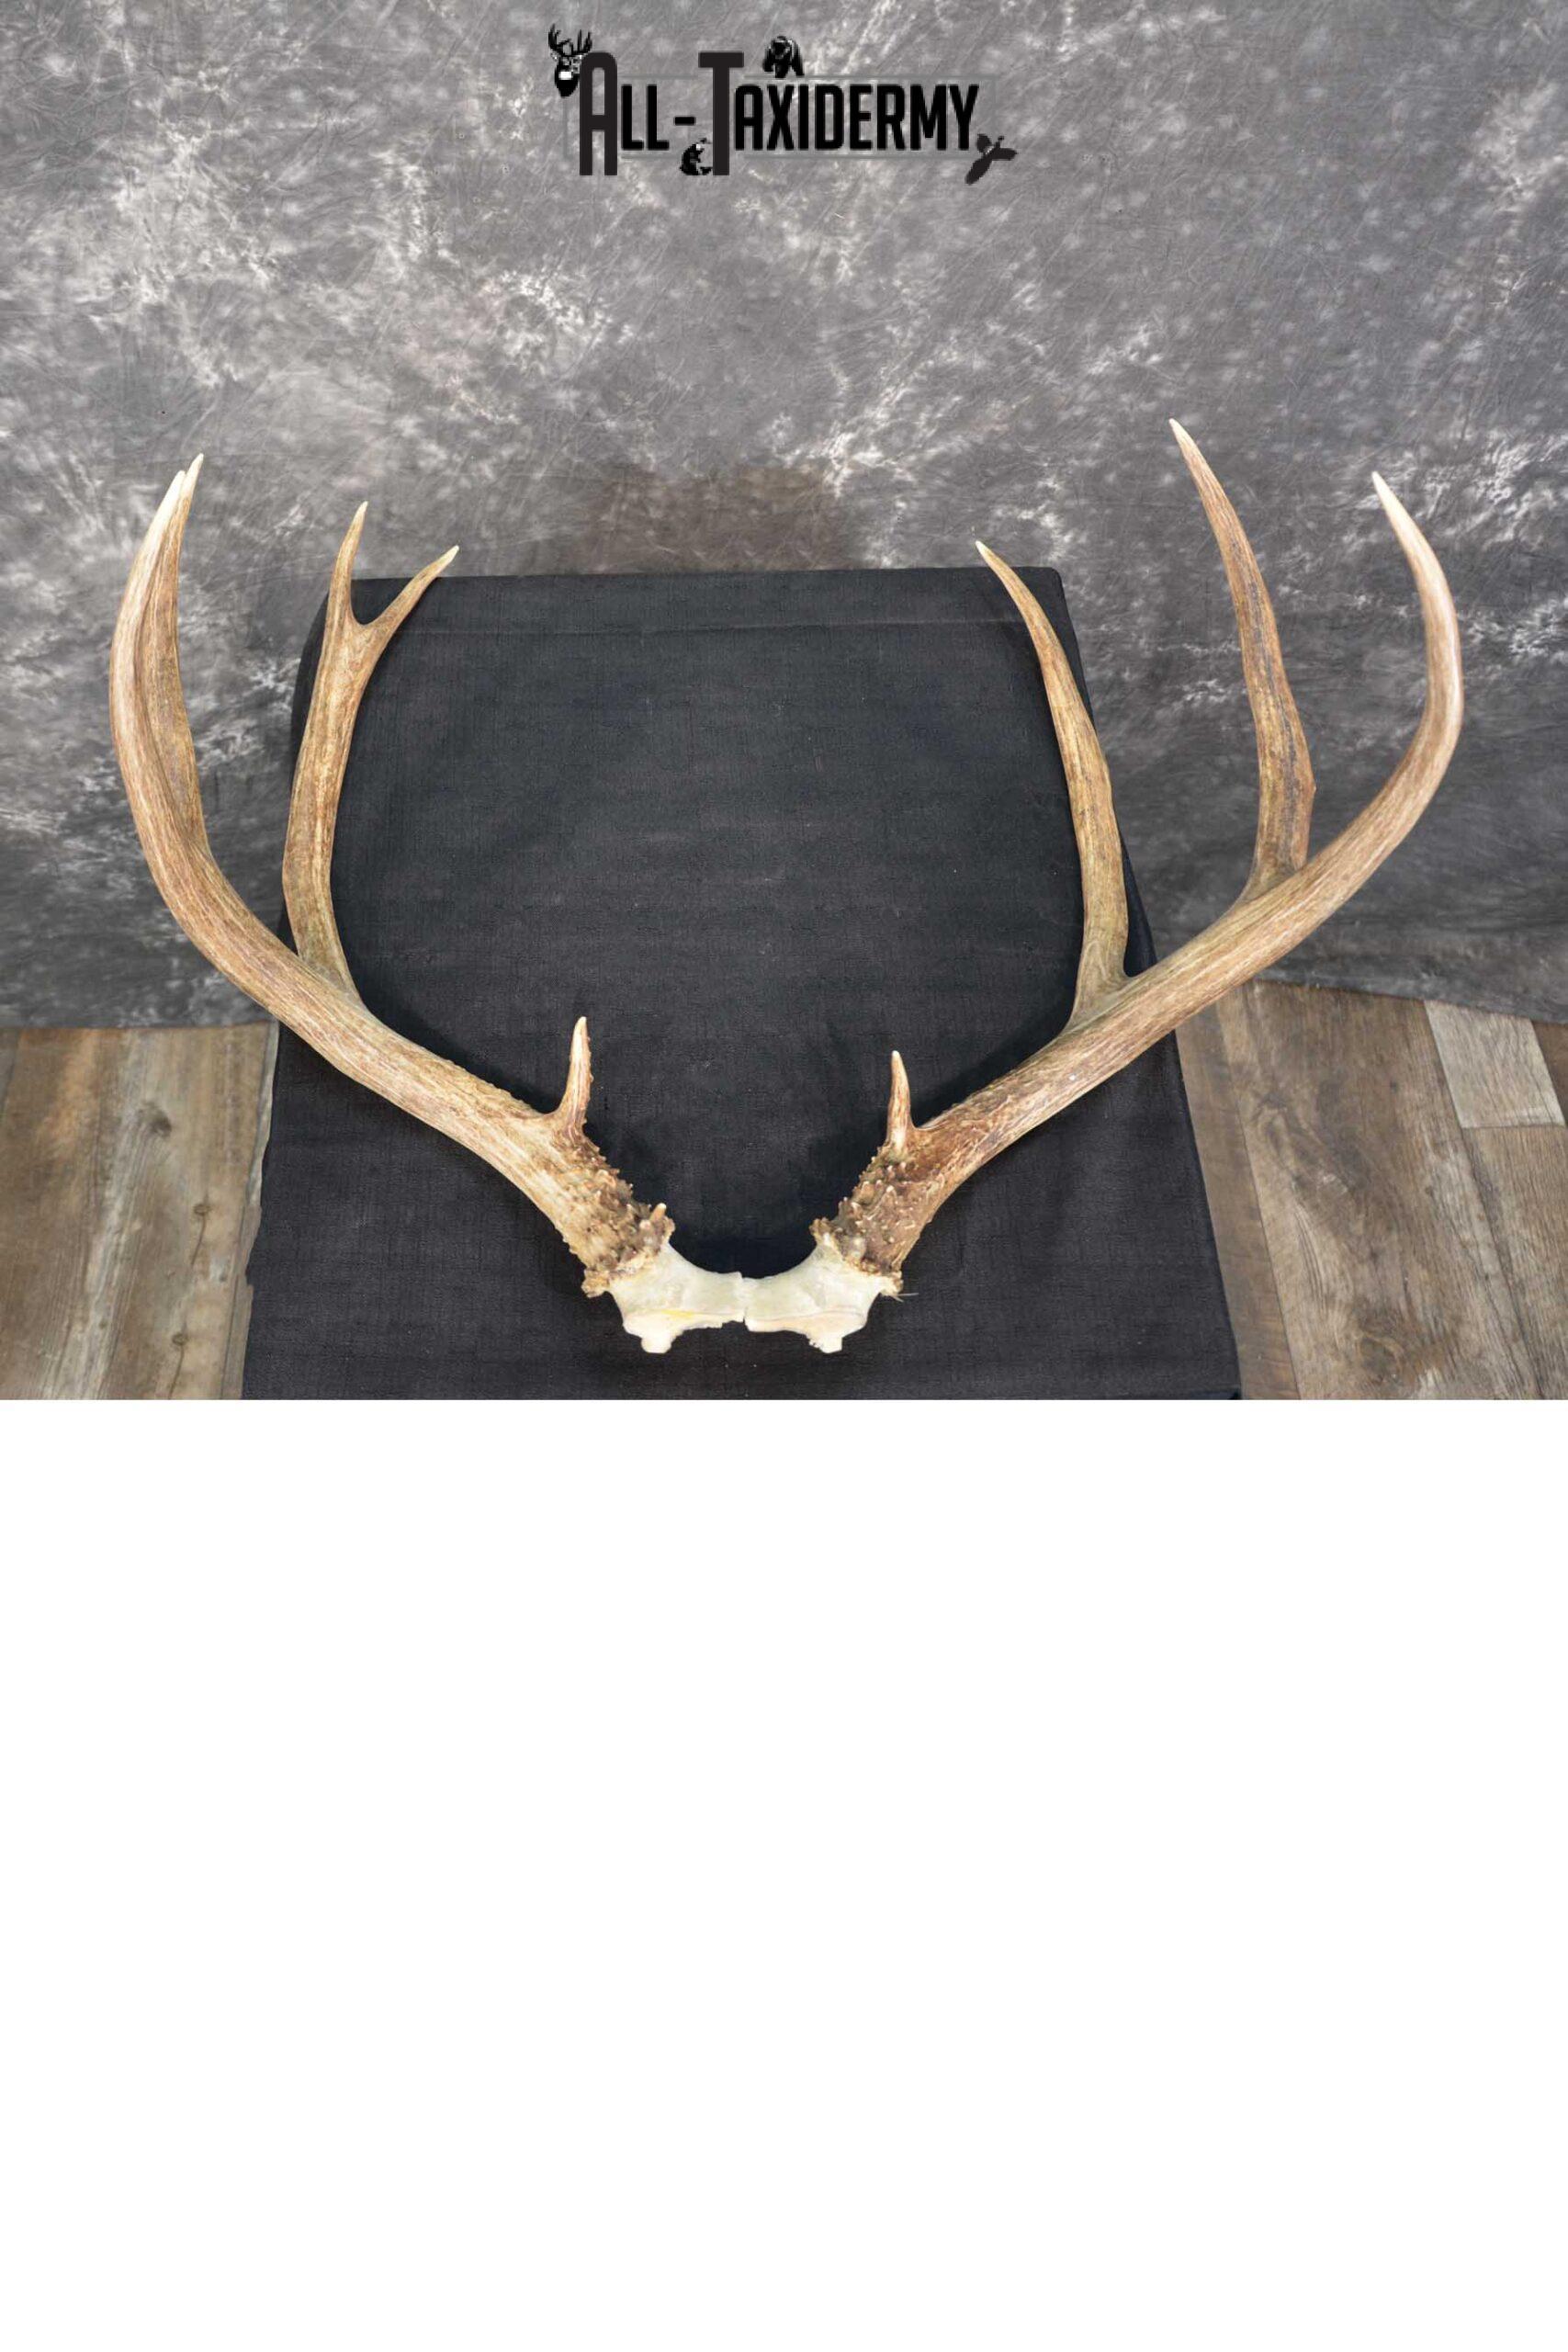 Mule Deer Antler skull cap taxidermy for sale SKU 1771.2